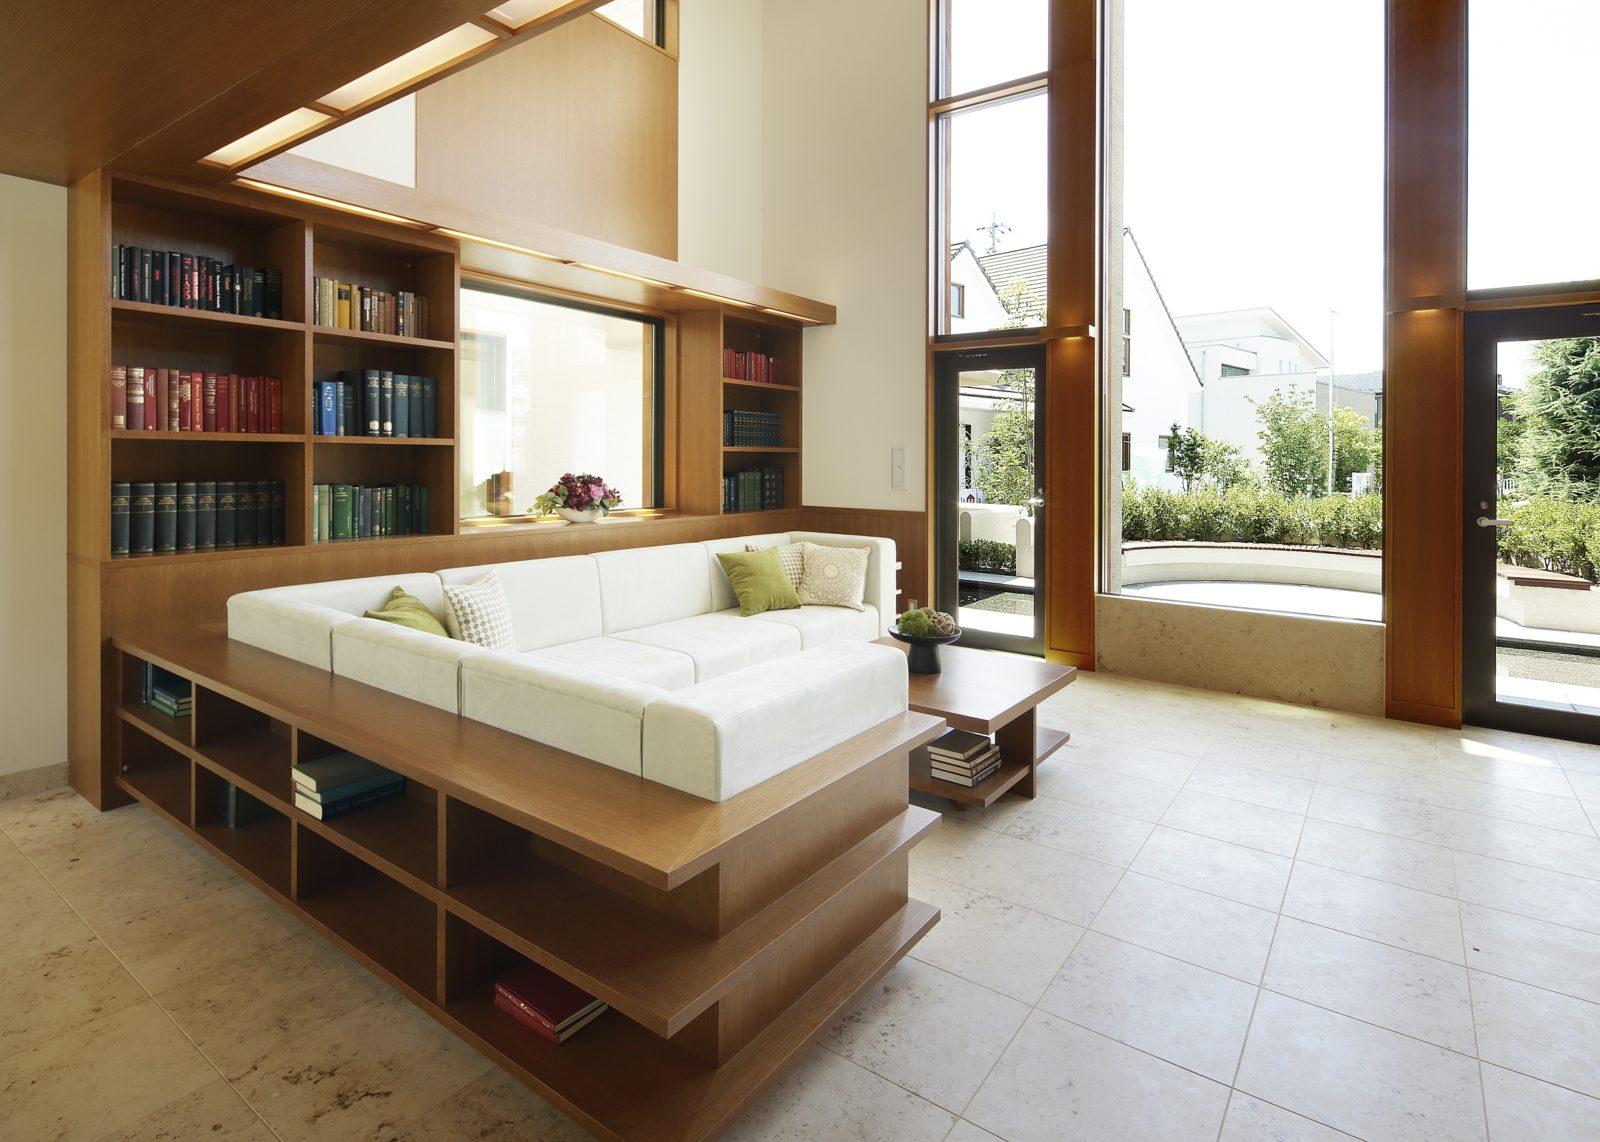 吹抜けのリビング・造り付け本棚収納 イコーハウス北九州オーガニックハウス  Base Style:MOONSTREAM